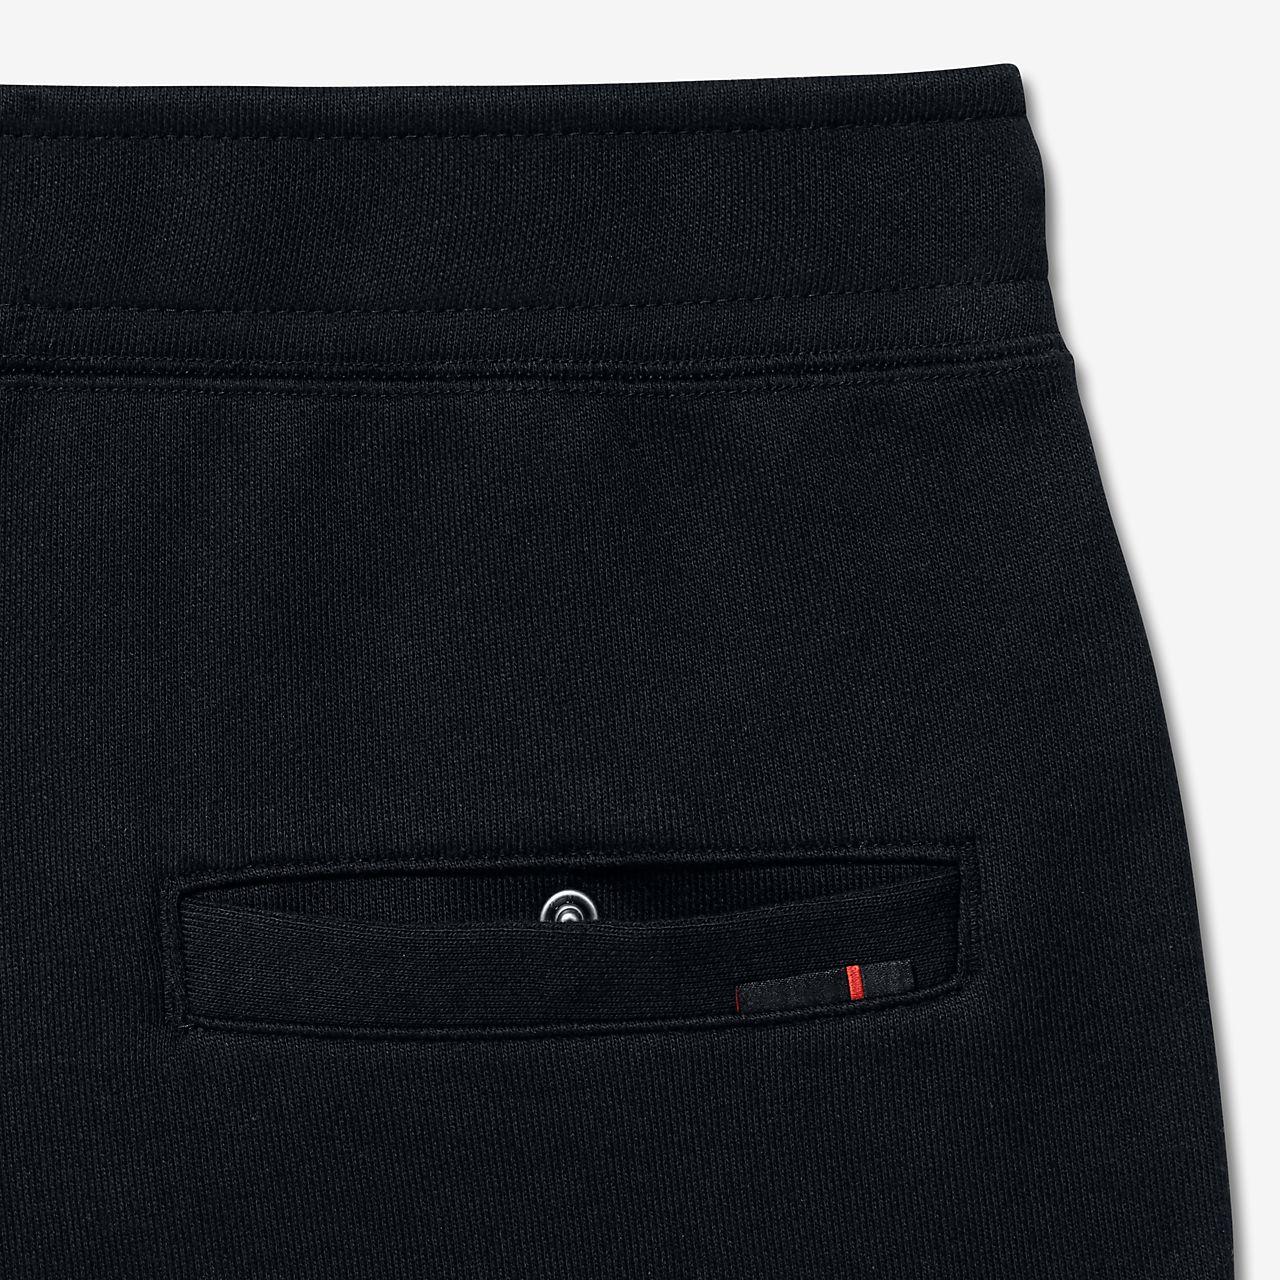 ... Jordan Sportswear Wings Fleece Men's Shorts